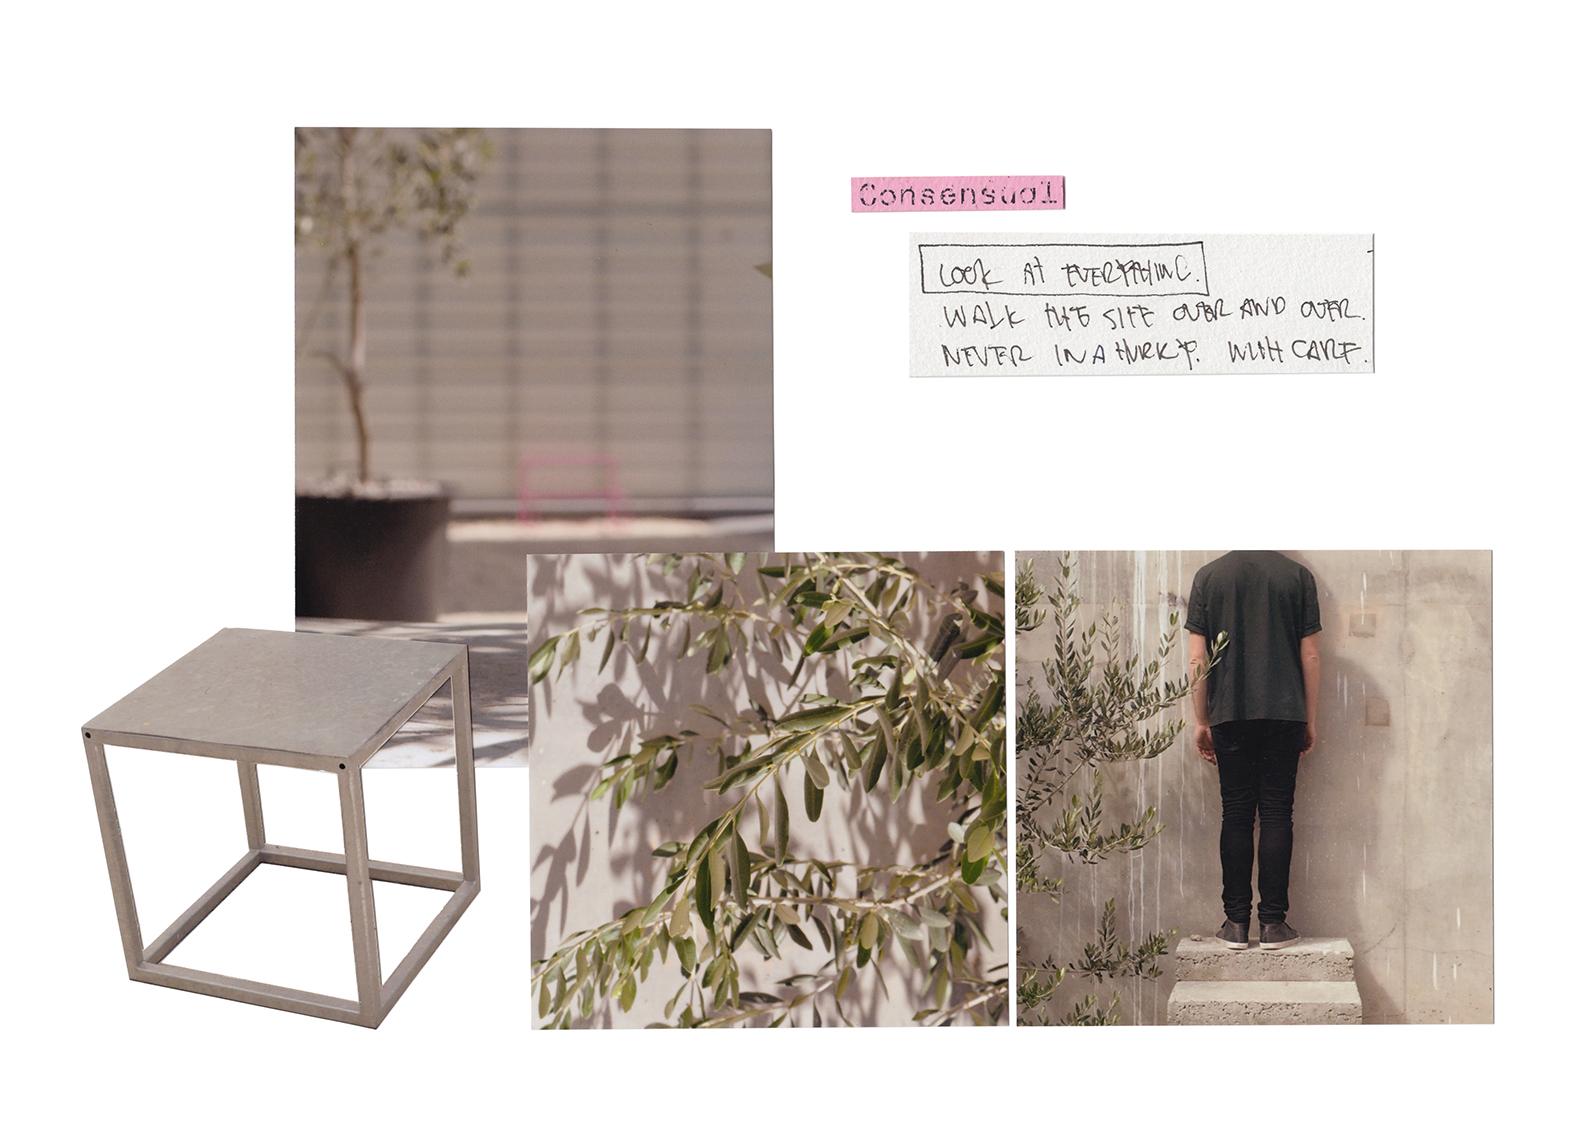 TG3-collage-09.jpg